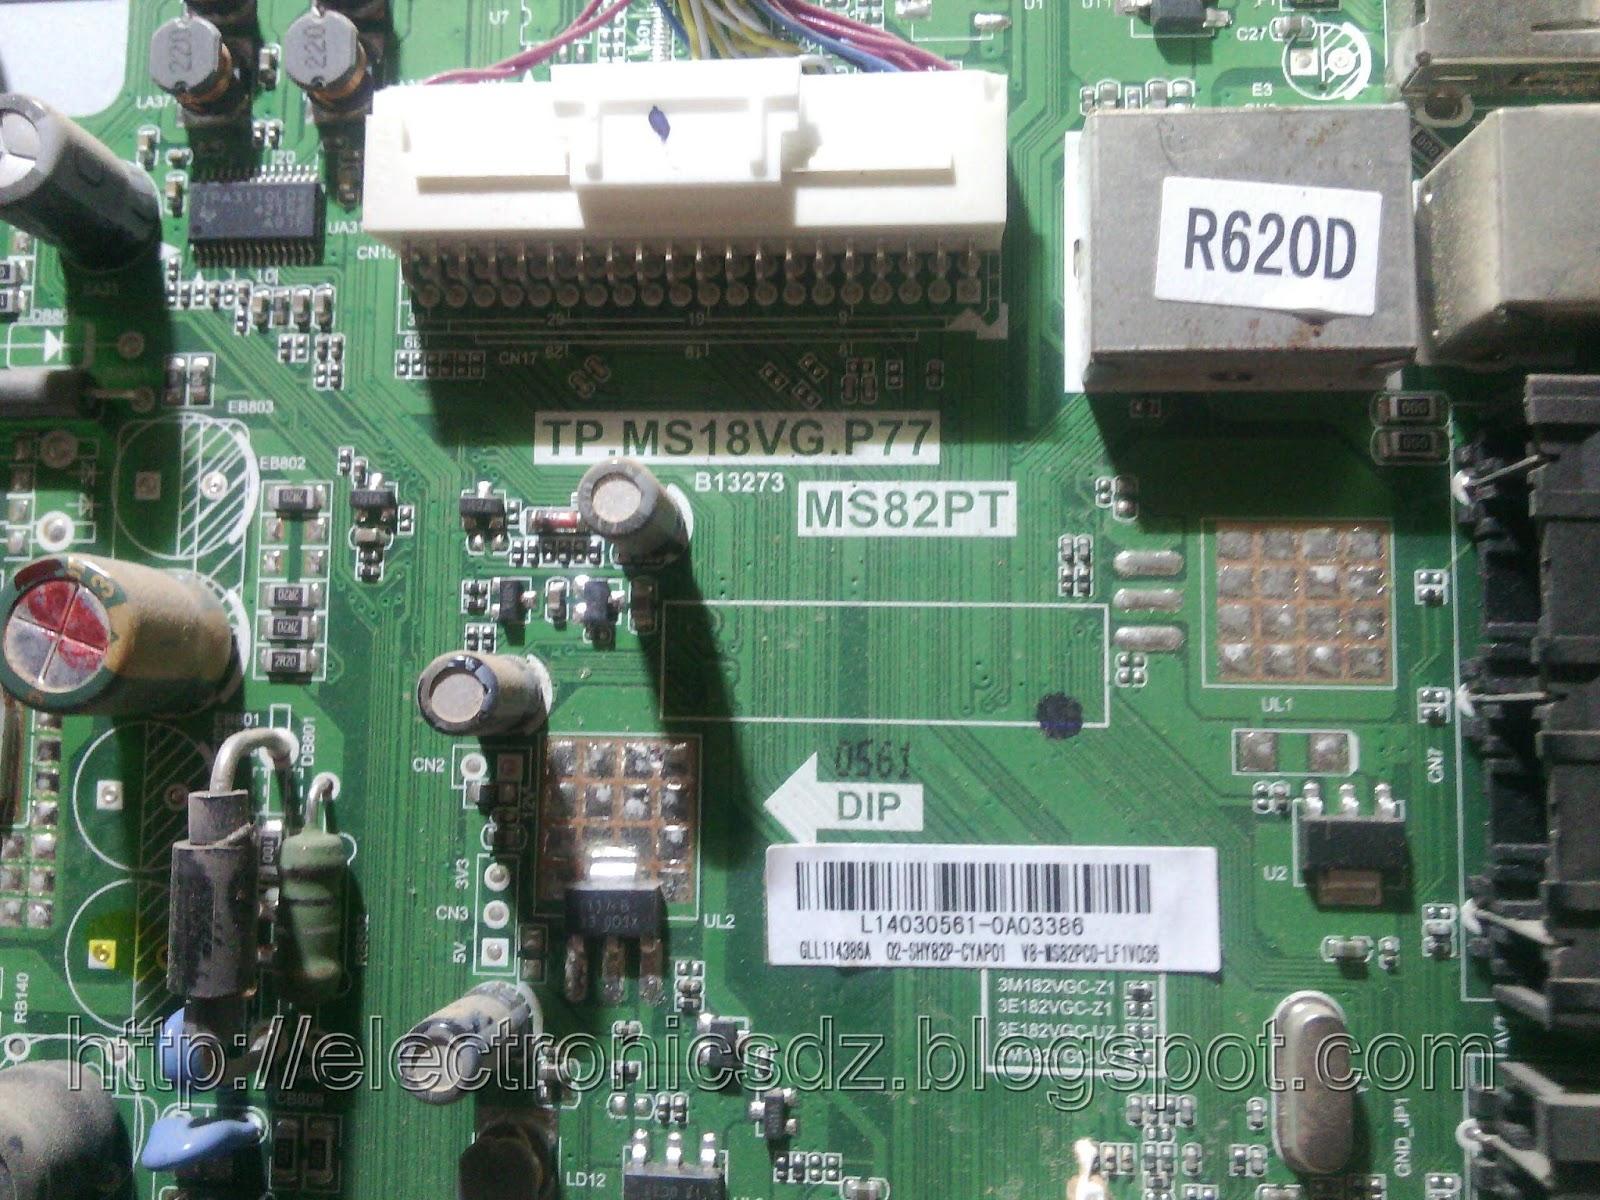 condor / hisense LED24L2300 firmware dump free download